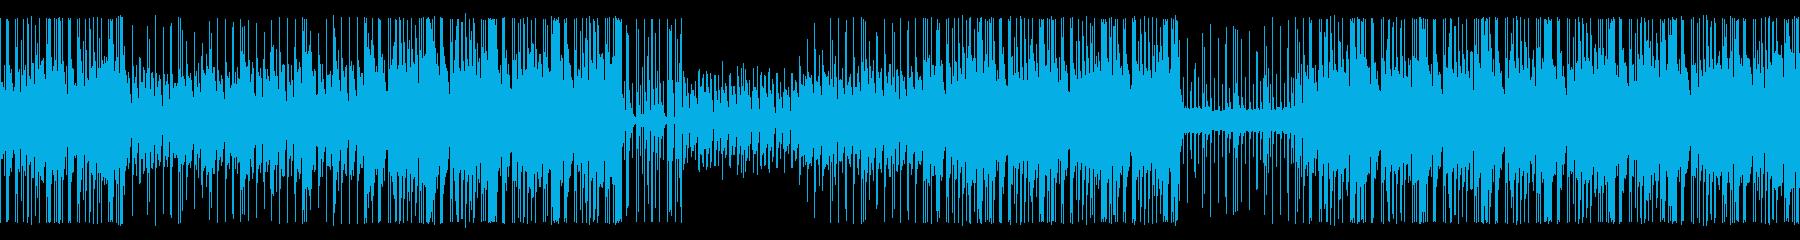 オーケストラ系Hip-Hop/Beat の再生済みの波形